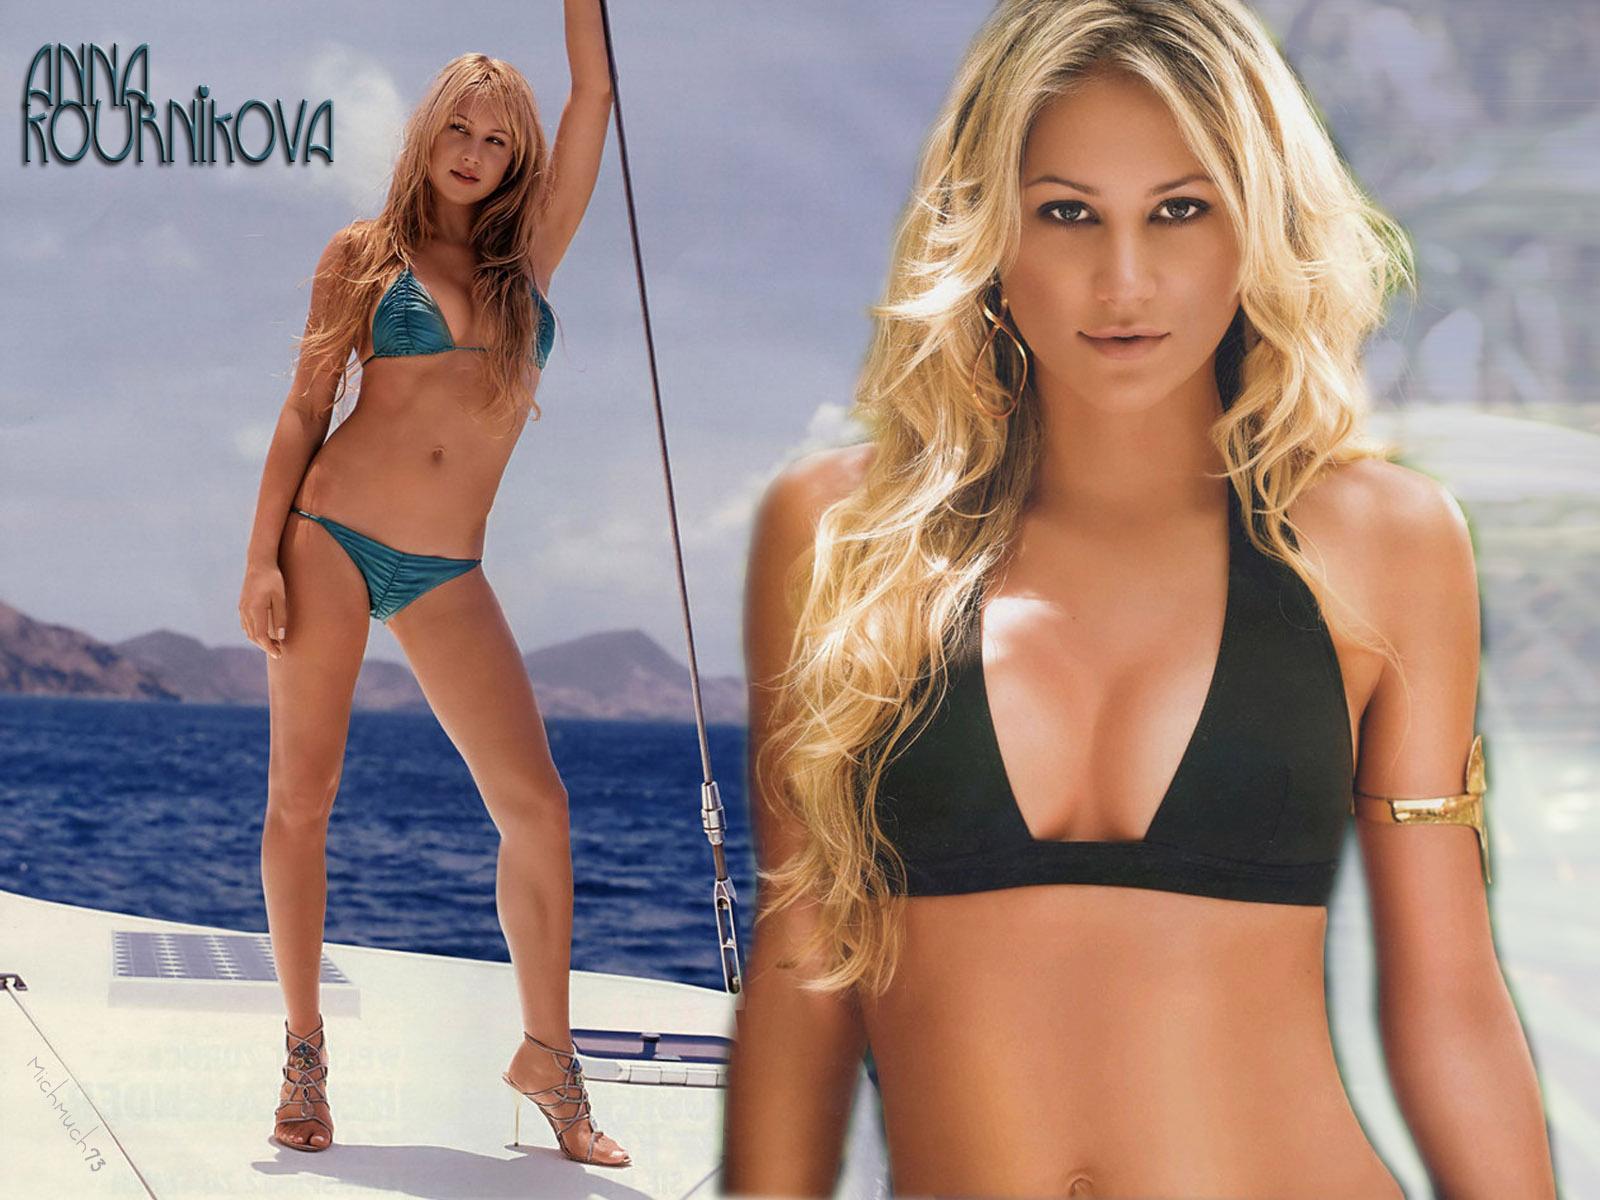 http://2.bp.blogspot.com/-h3TuvFVuLQQ/TkQNDdfVRqI/AAAAAAAAAlI/lsGf-JiERoo/s1600/Anna+Kournikova+16+-+super+Sport+Wallpaper+1600+x+1200.jpg